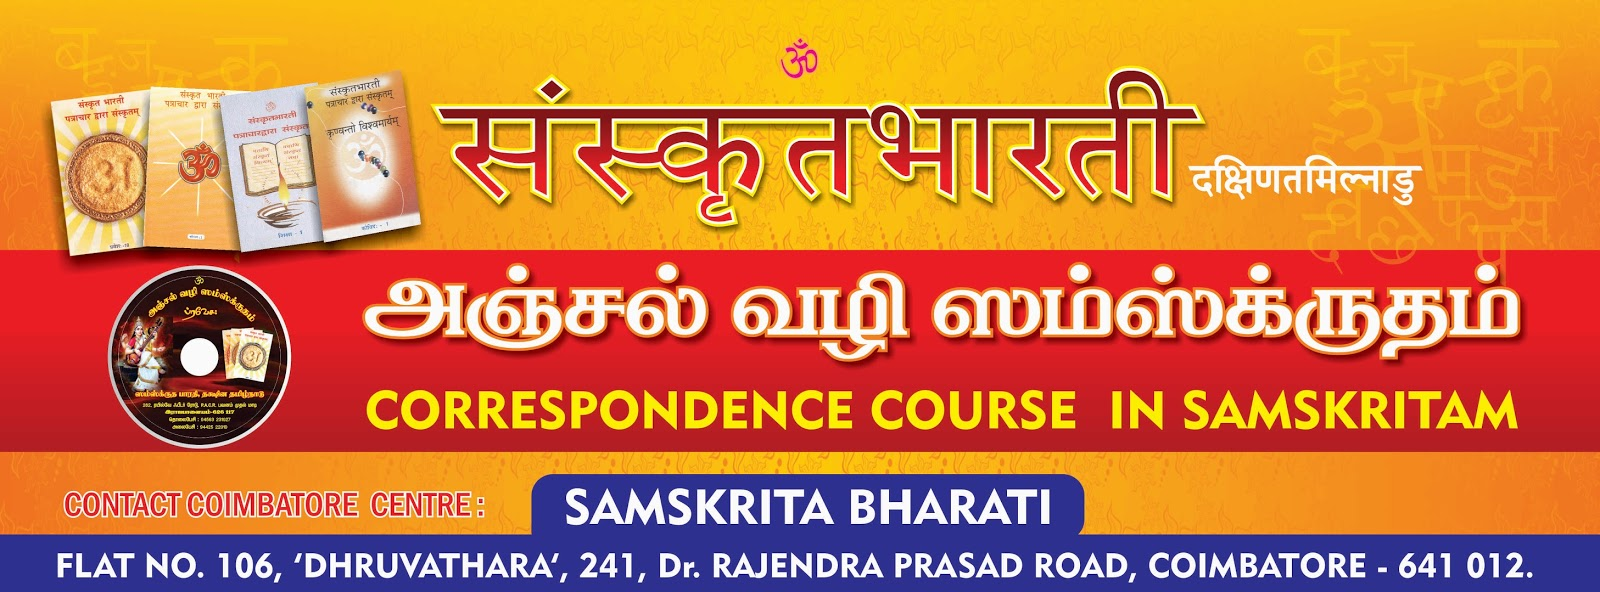 Correspondence Course